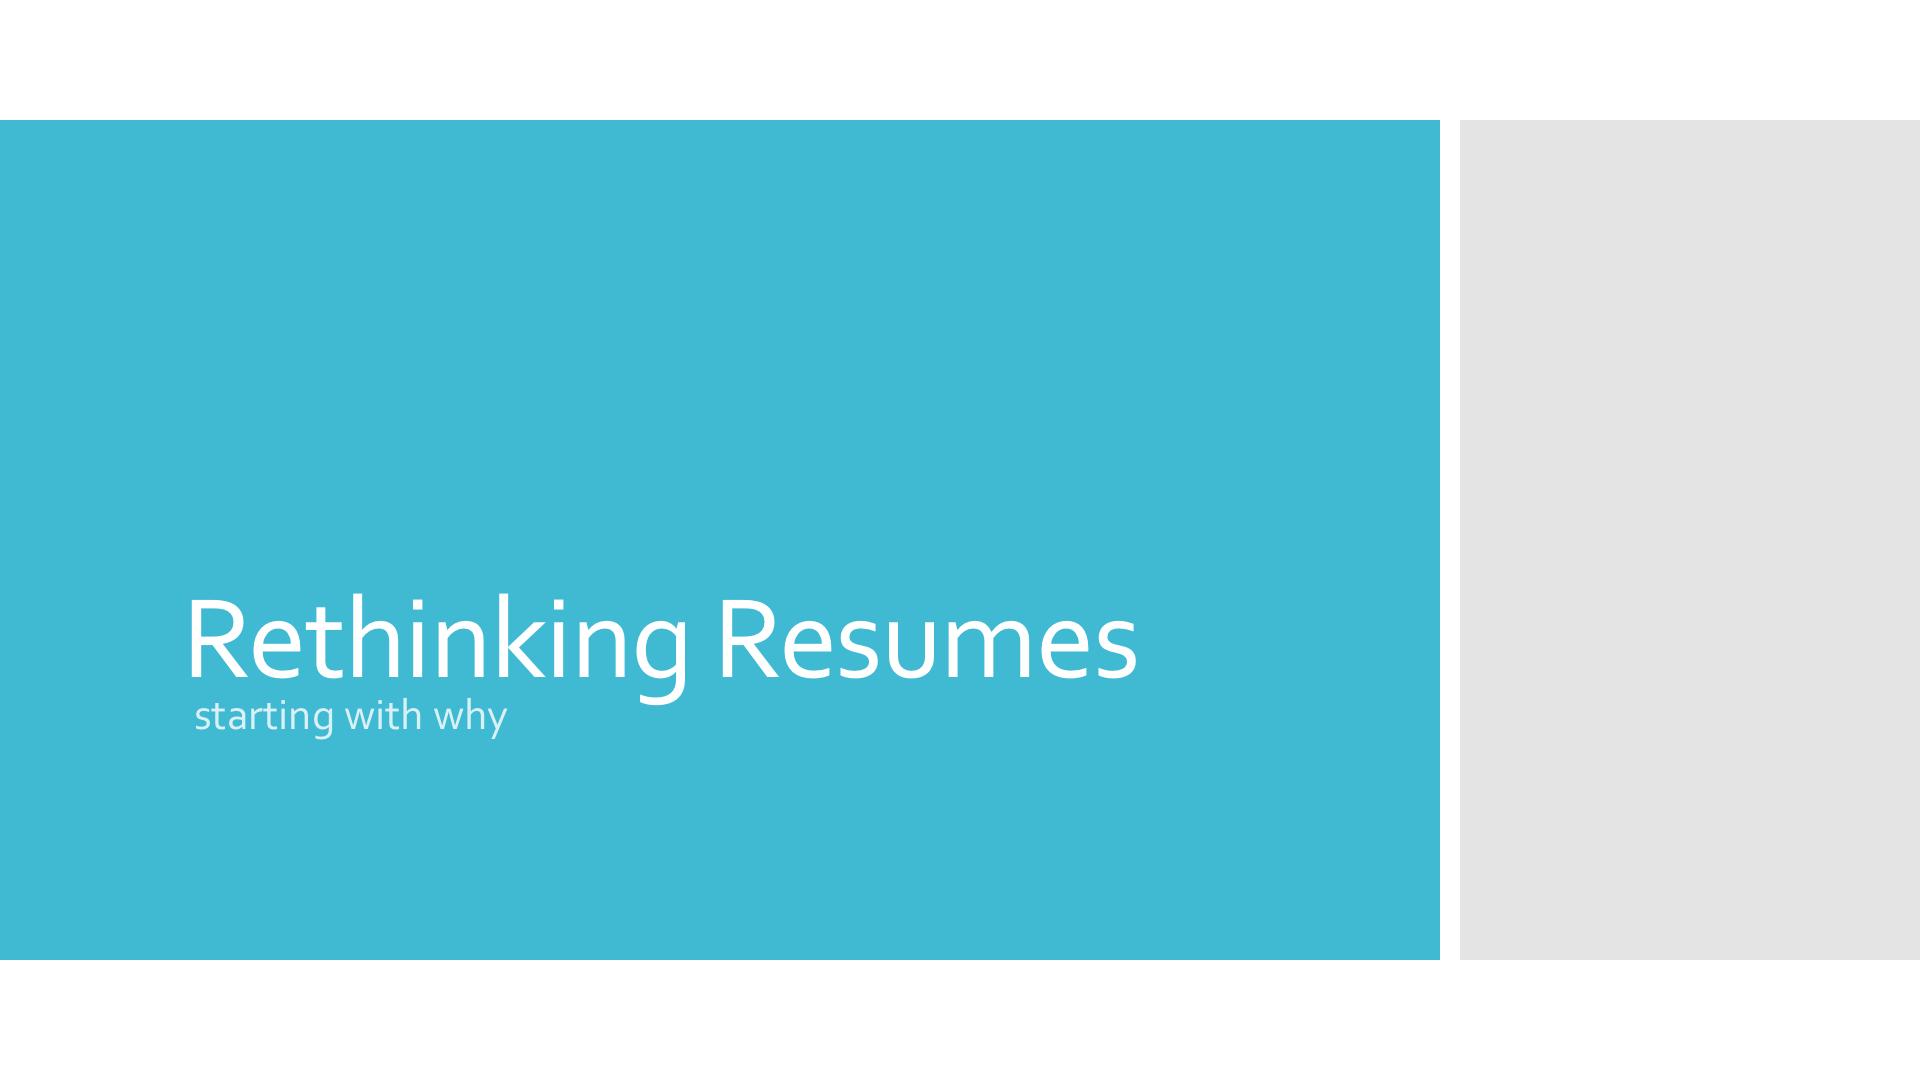 Rethinking Resumes